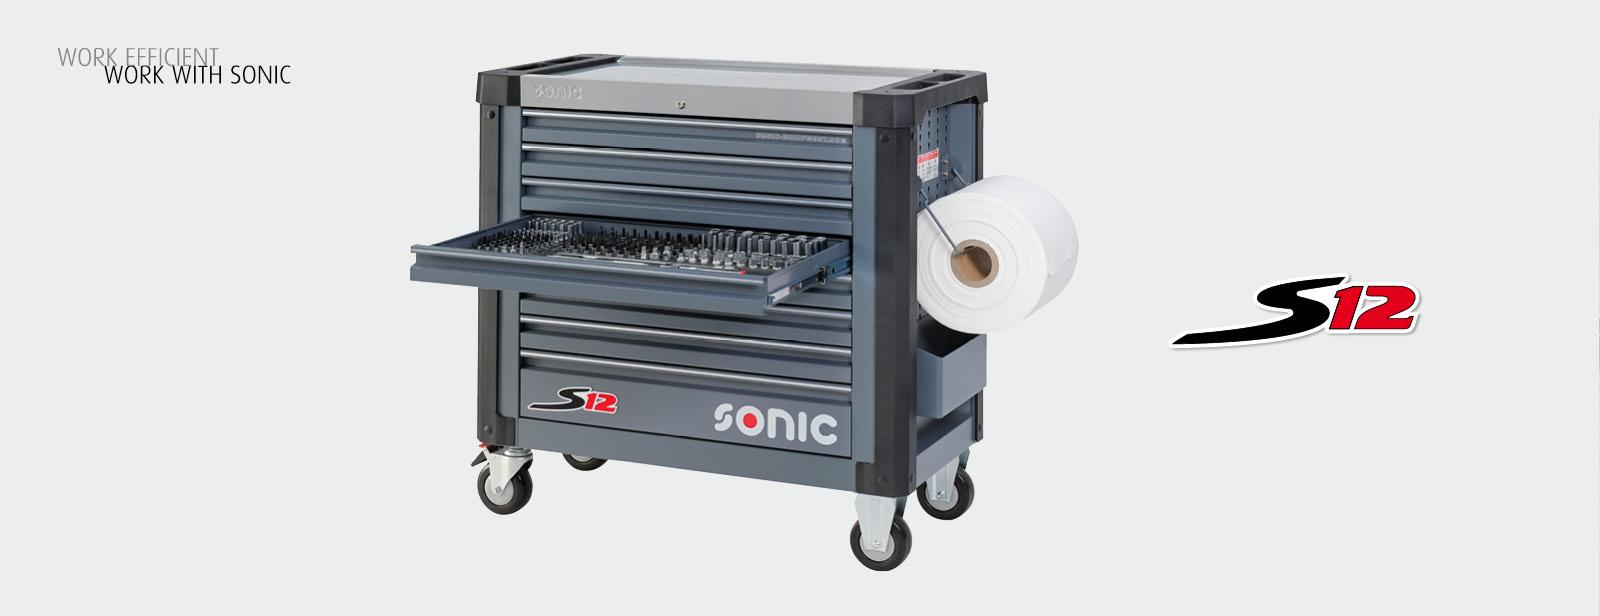 Sonic Werkzeugwagen S12